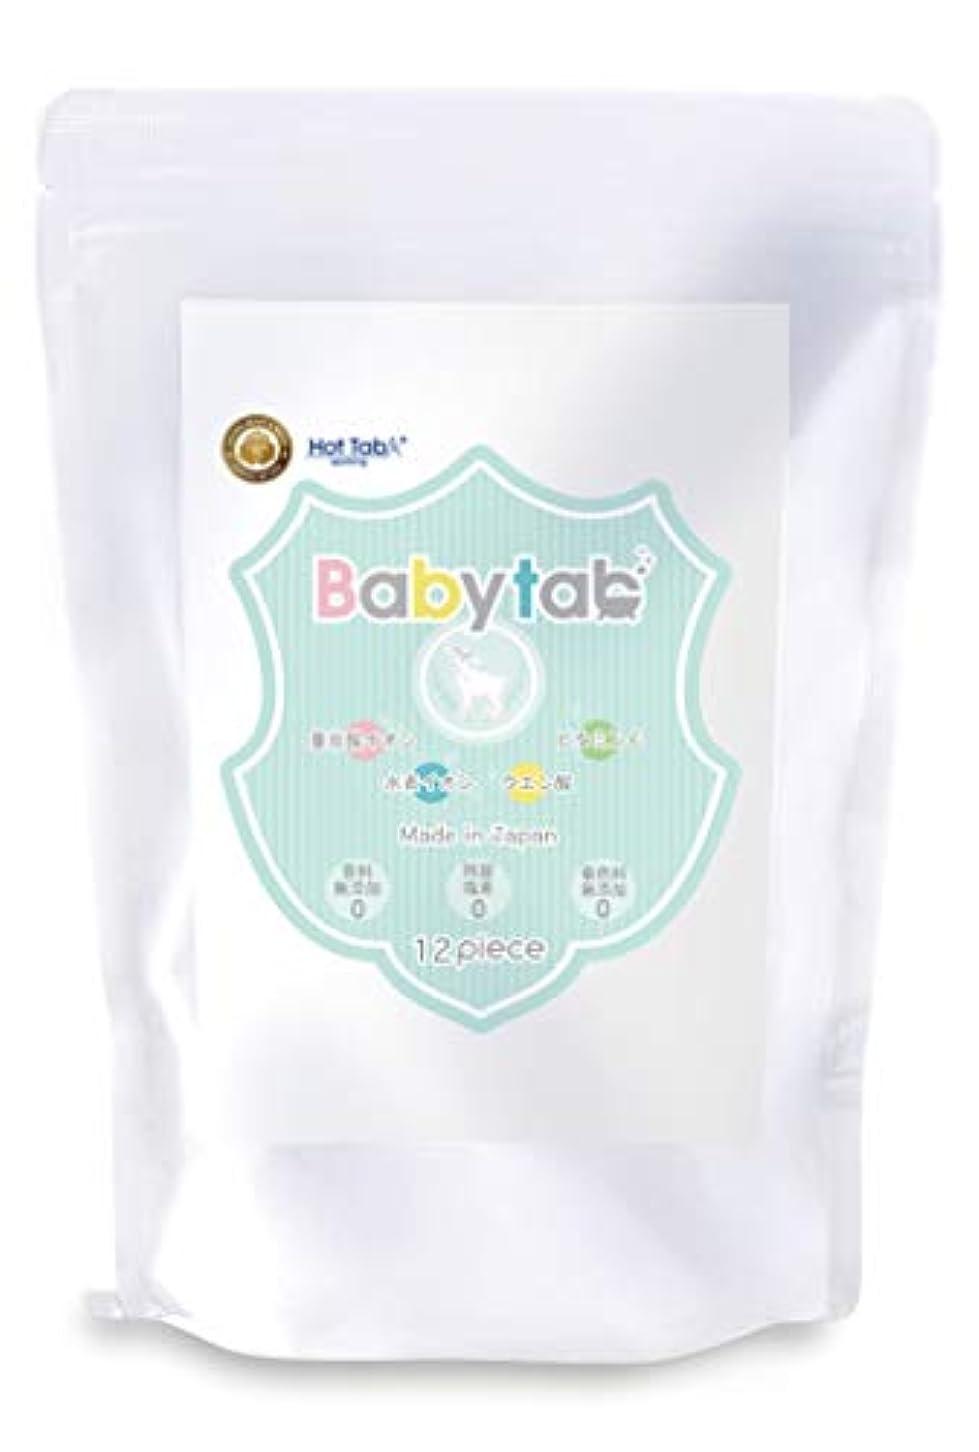 ファンブルリッチ靴下ベビタブ【Babytab】重炭酸 中性 入浴剤 沐浴剤 12錠入り お試しサイズ(無添加 無香料 保湿 乾燥肌 オーガニック 塩素除去)赤ちゃんから使える